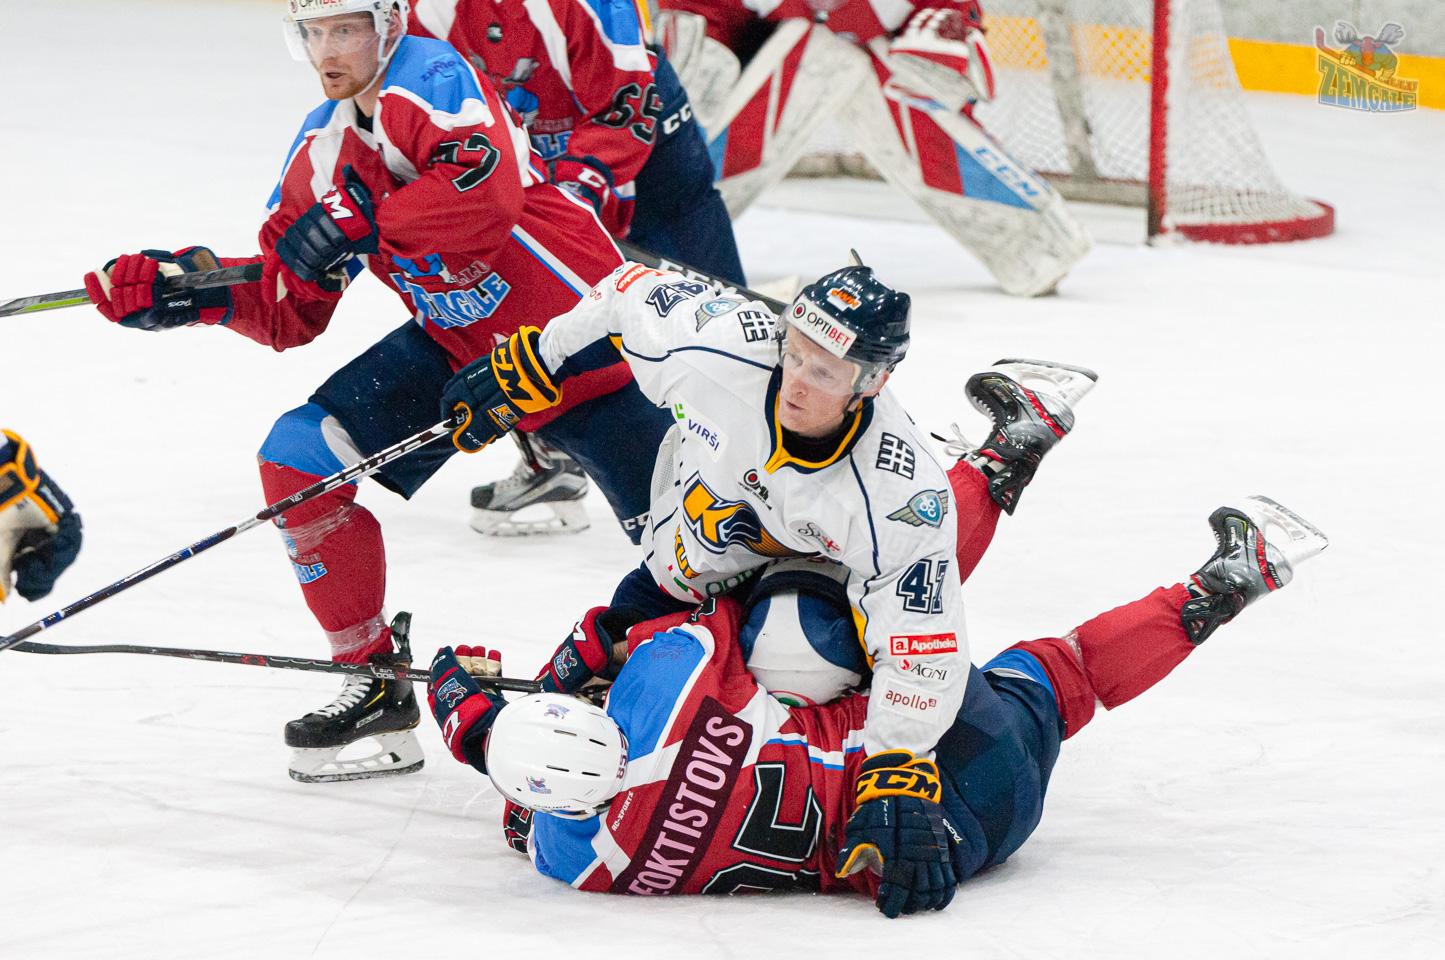 Hokejists ar spēka paņemienu nogāž pretspēlētāju